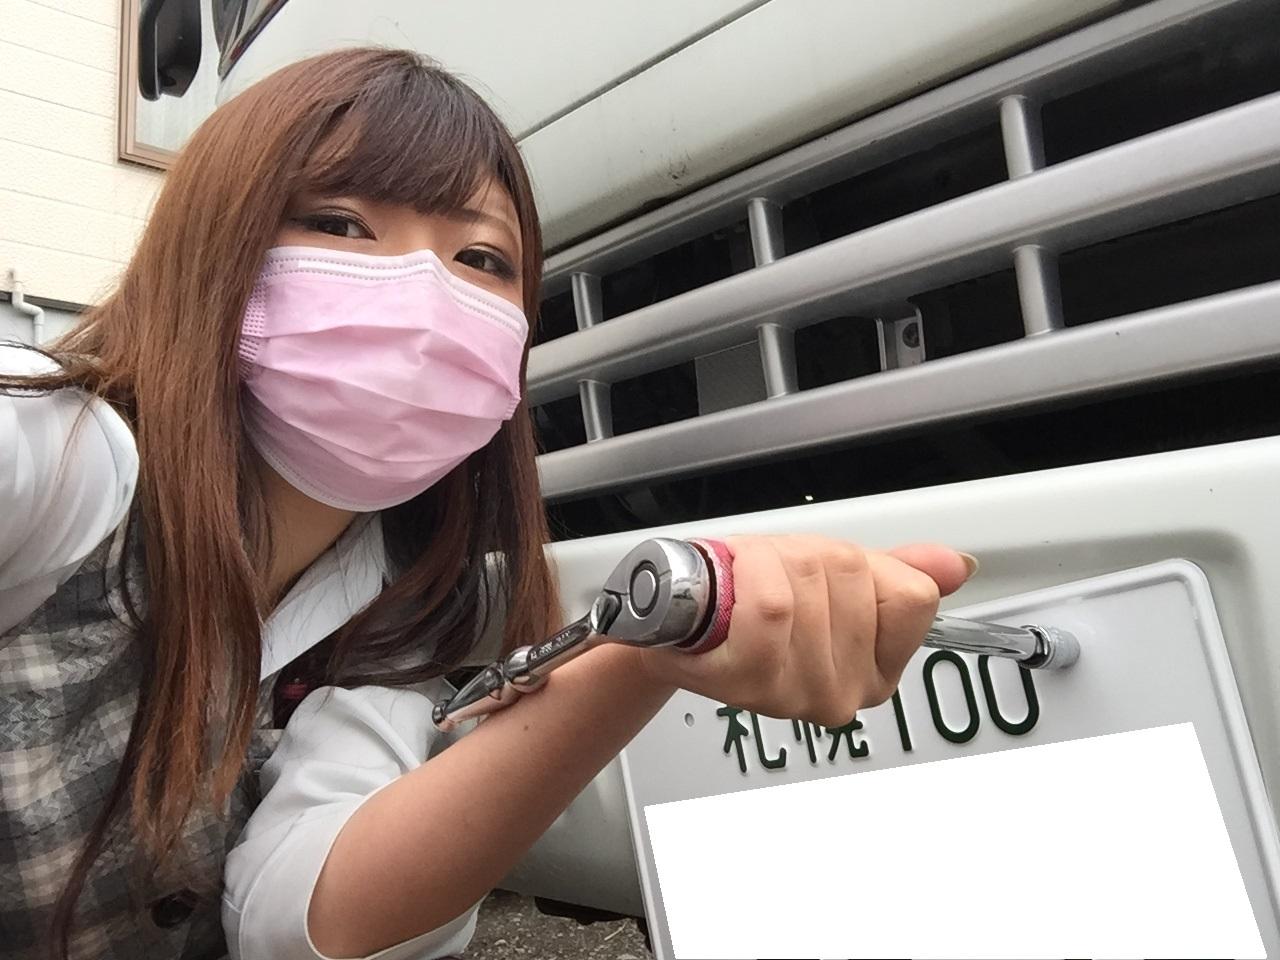 8月30日 水曜日のひとログヽ( 'ω' )ノ キャンピングカー・バスもレンタルできます♬TOMMY_b0127002_1728163.jpg